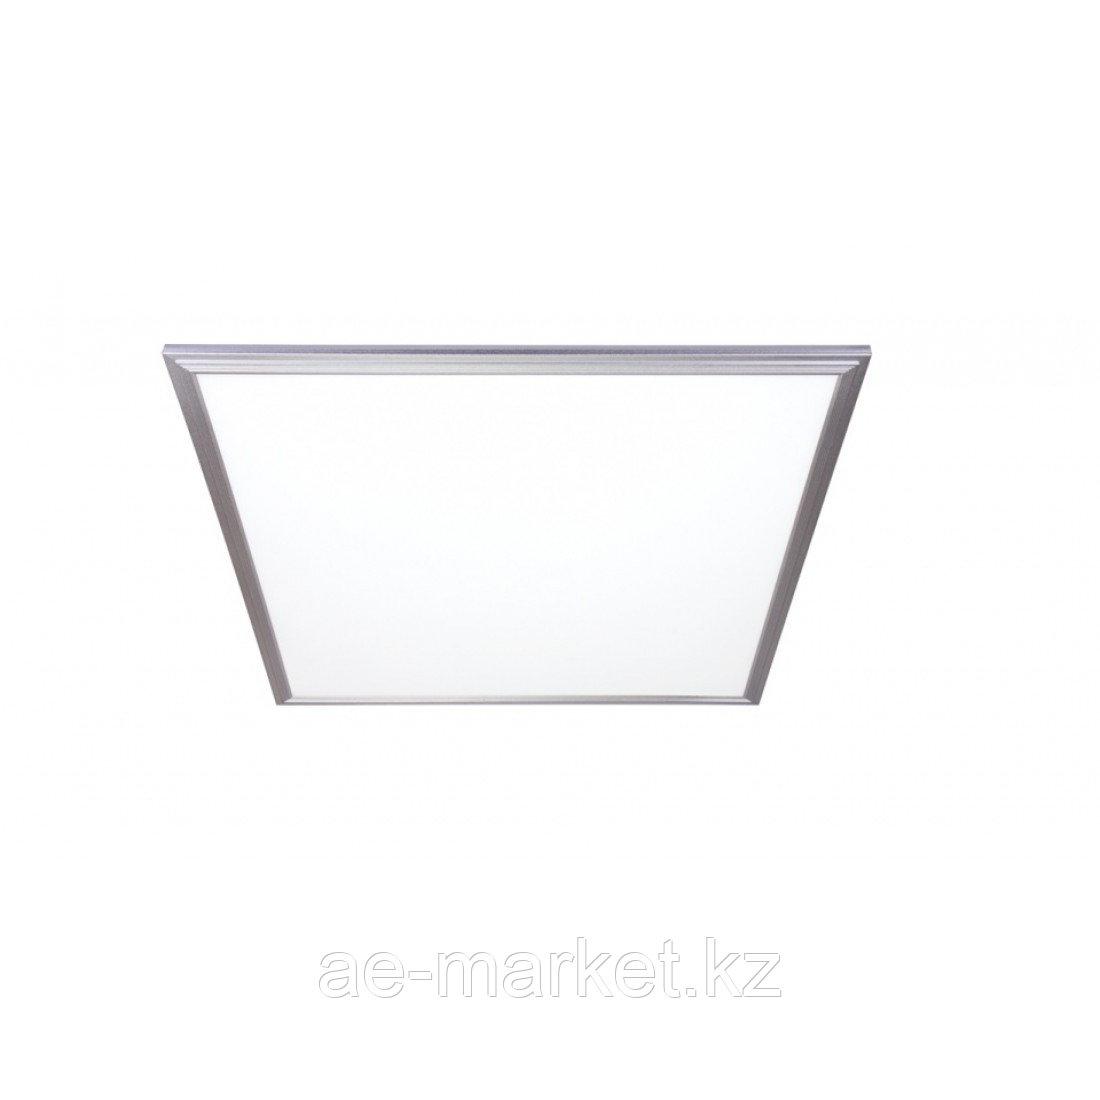 Светодиодная панель 442 LPS 30015 (295*295*12 mm 15 W/900 Lm 4200 K), шт